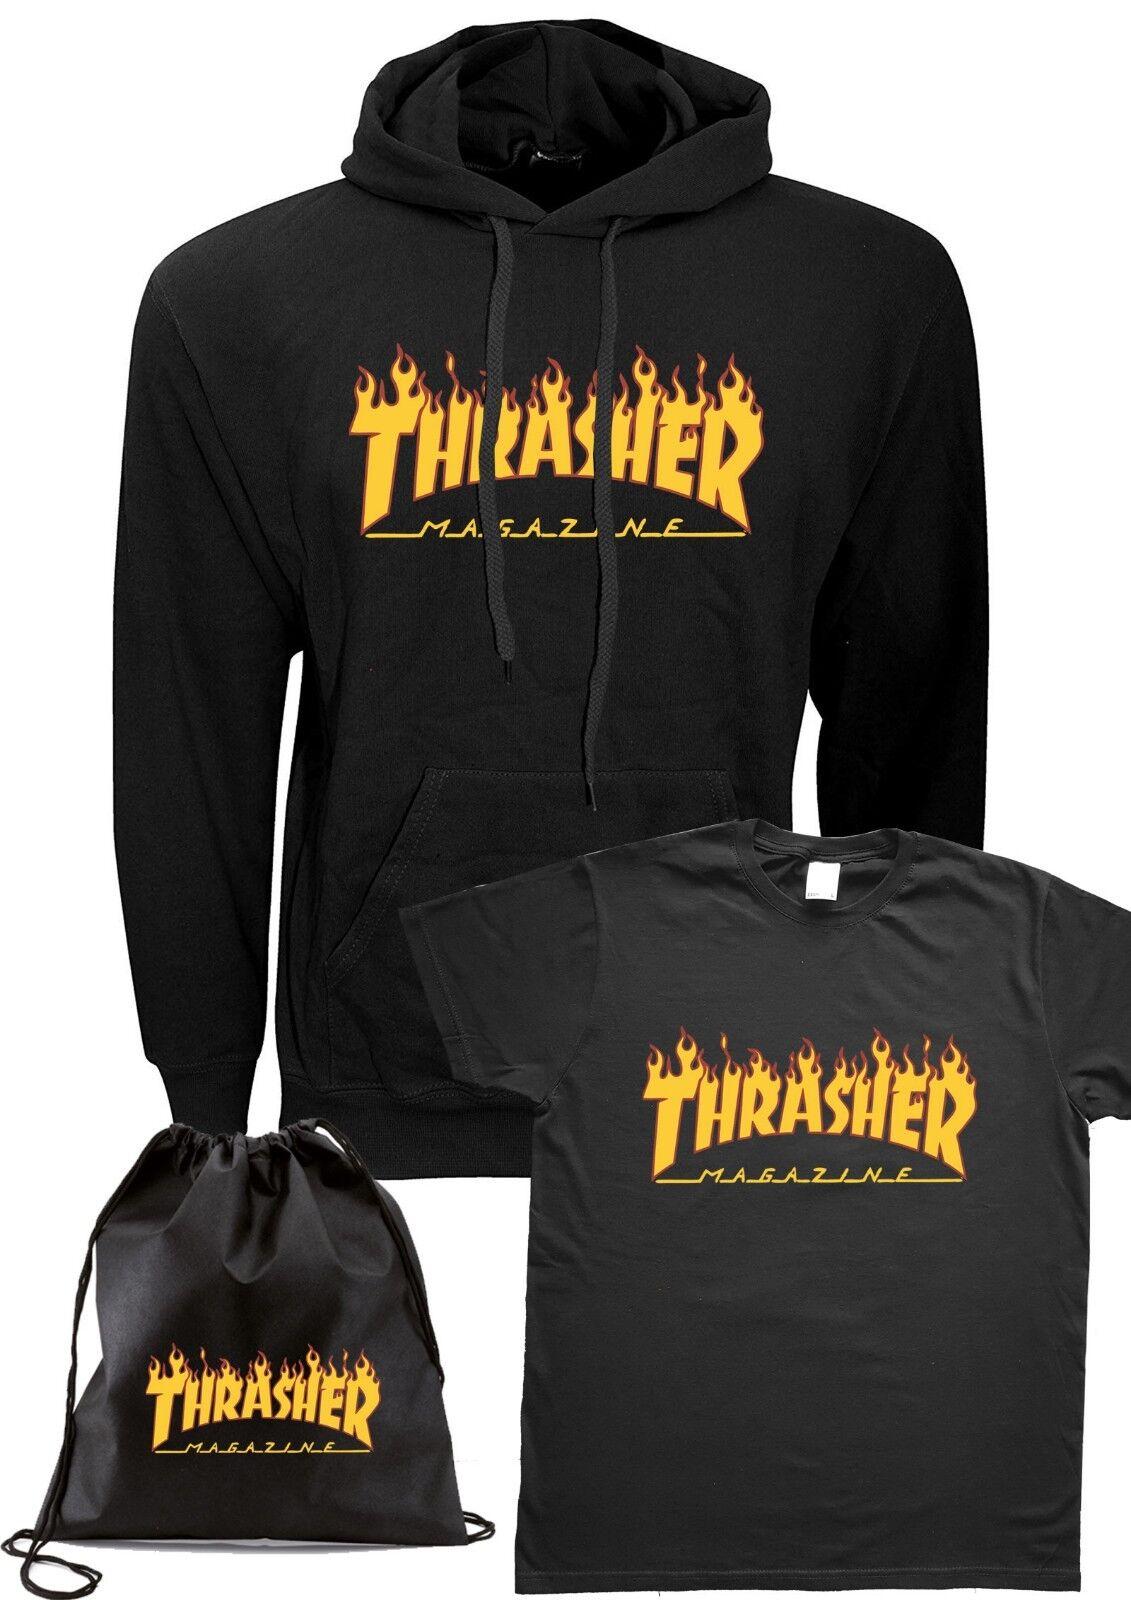 T-shirt maglietta + felpa + sacca THRASHER MAGAZINE uomo uomo uomo donna bambino 15d564